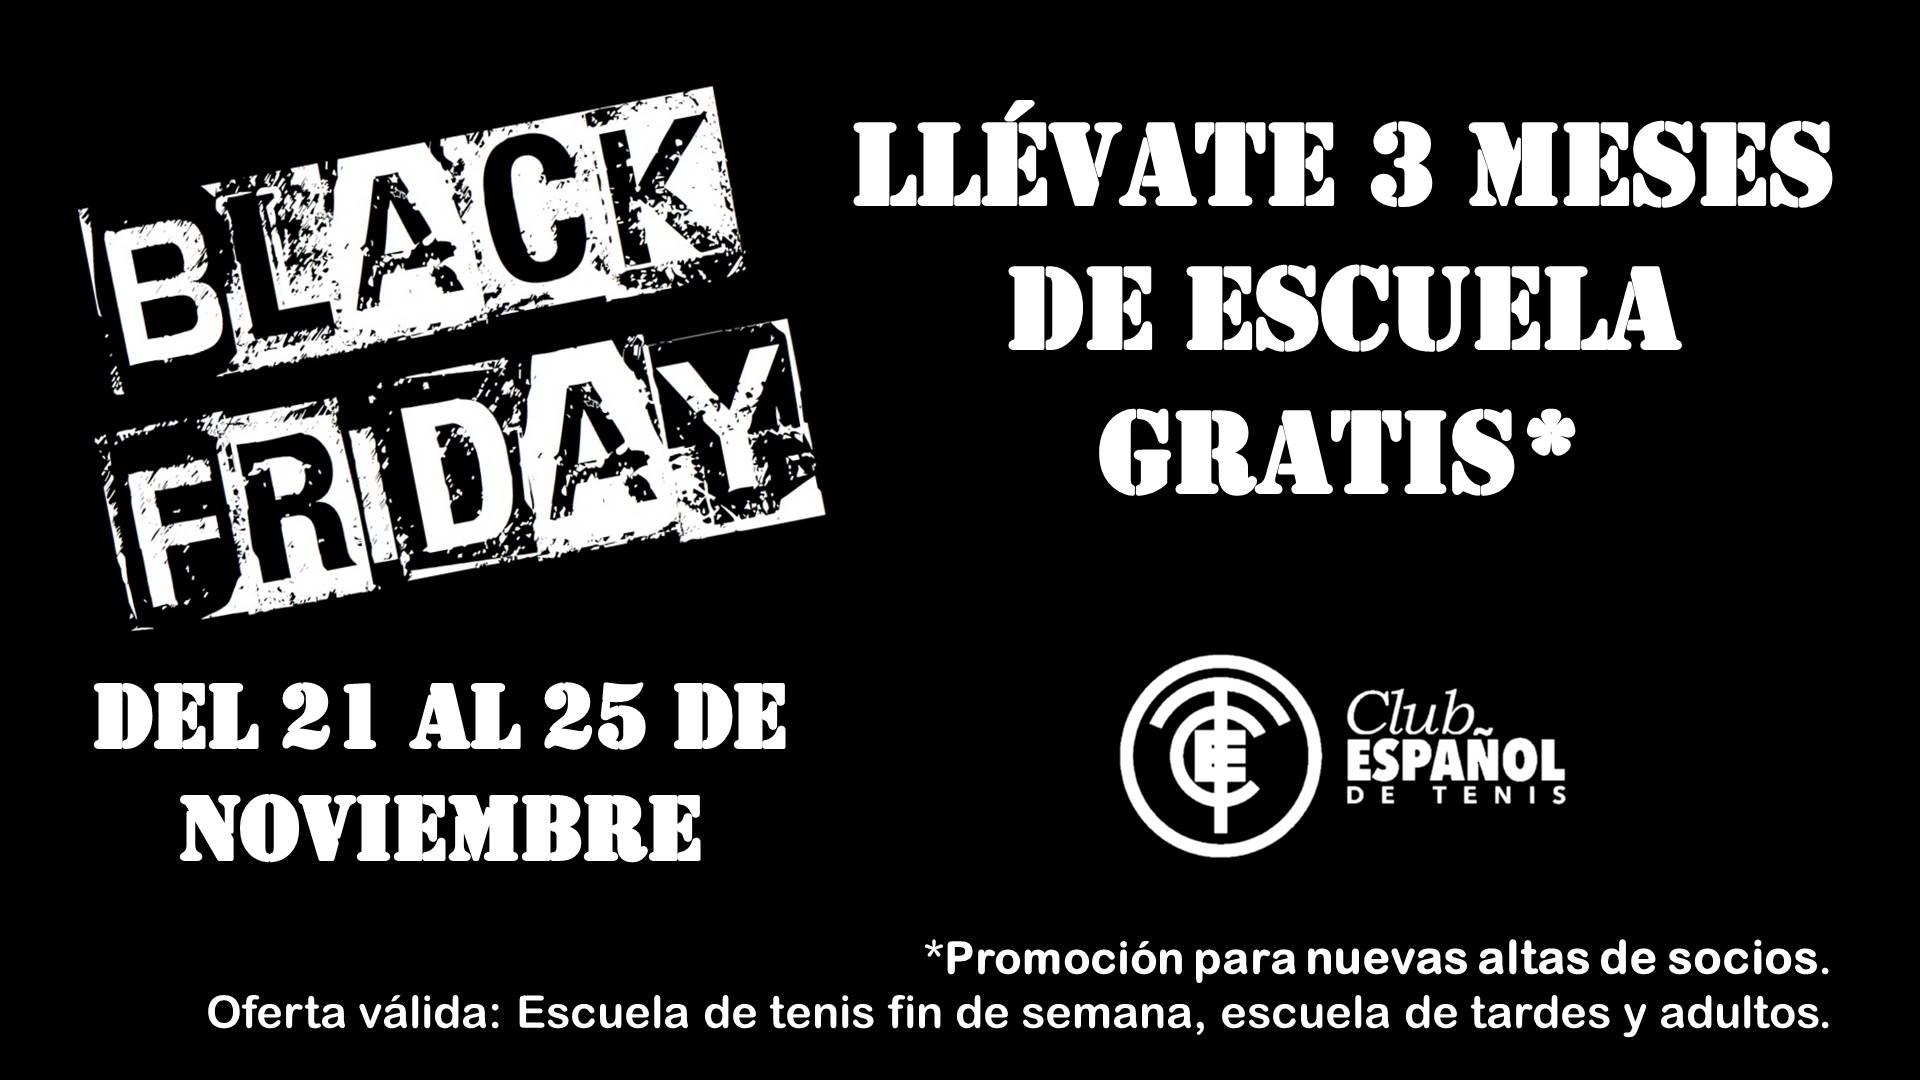 adede6bf5e Black Friday del 21 al 25 de noviembre